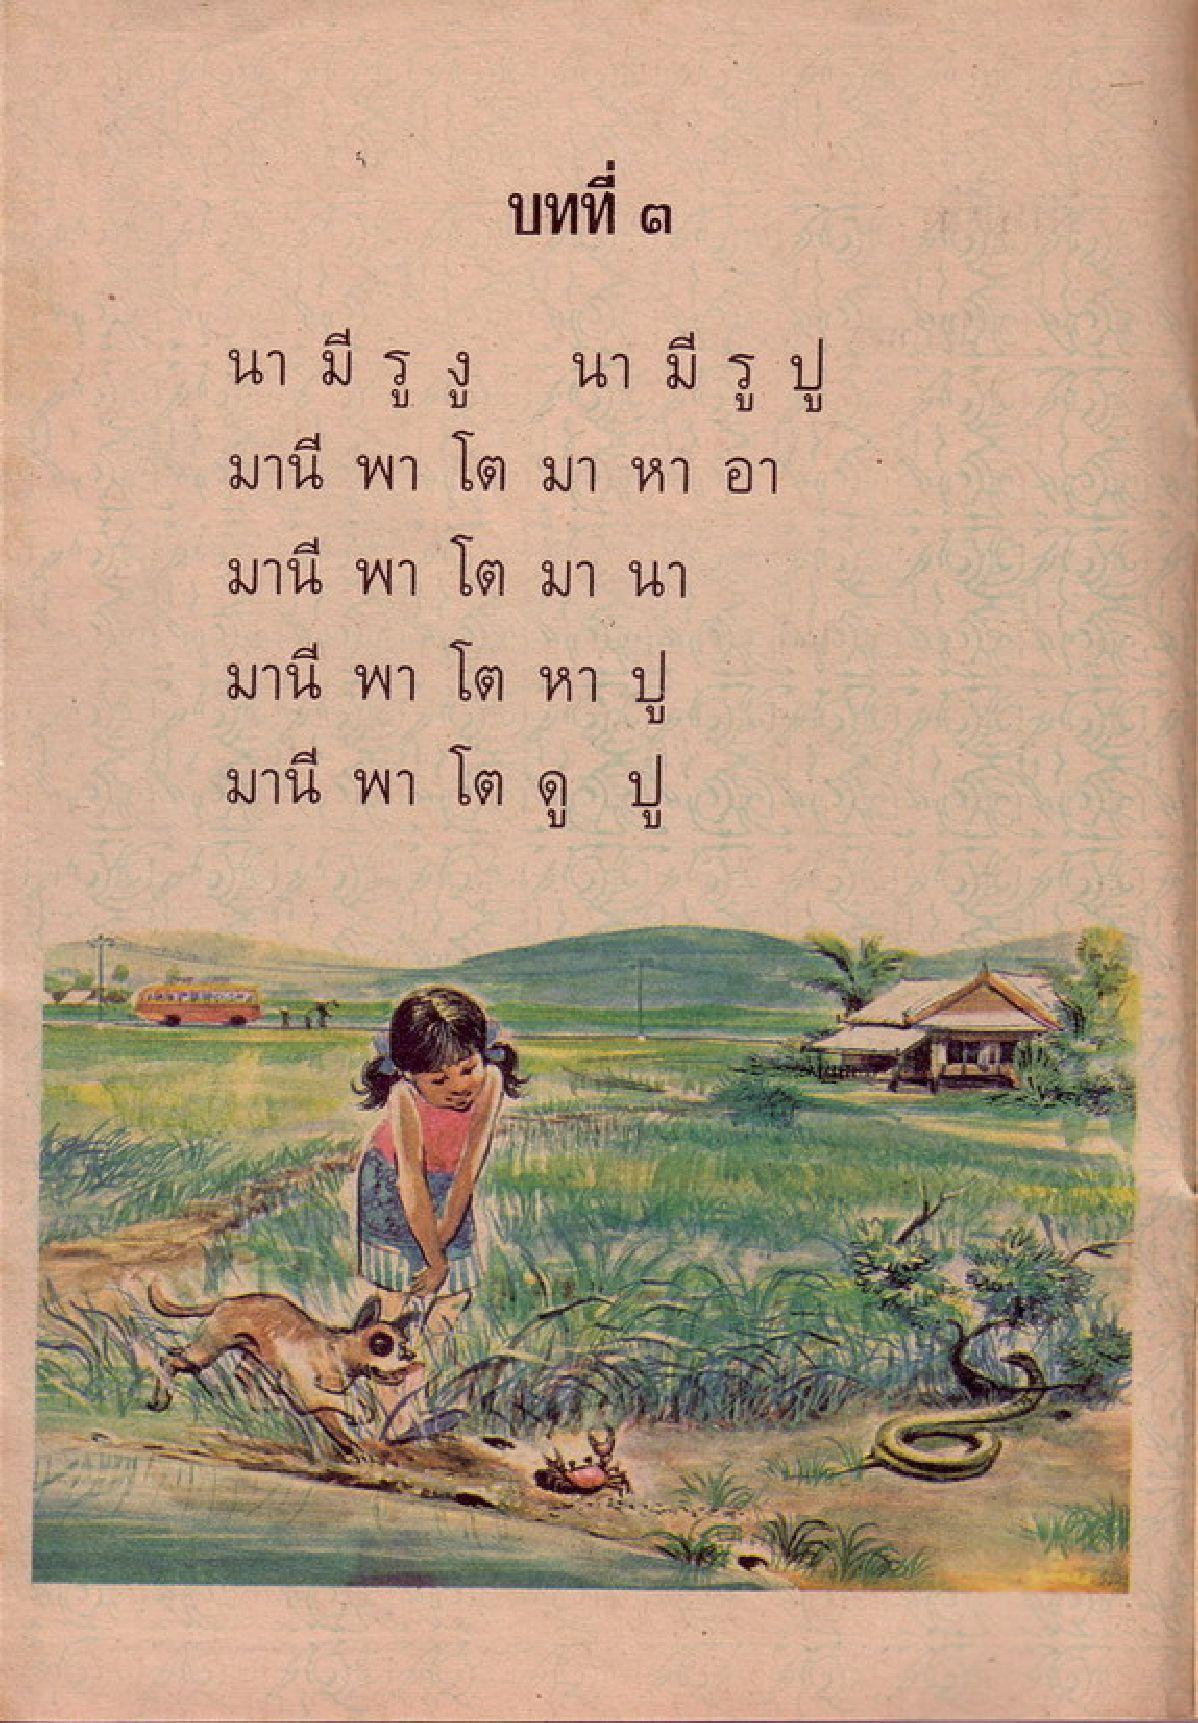 Thai Language Textbook Curriculum Grade 1 Book 1 In